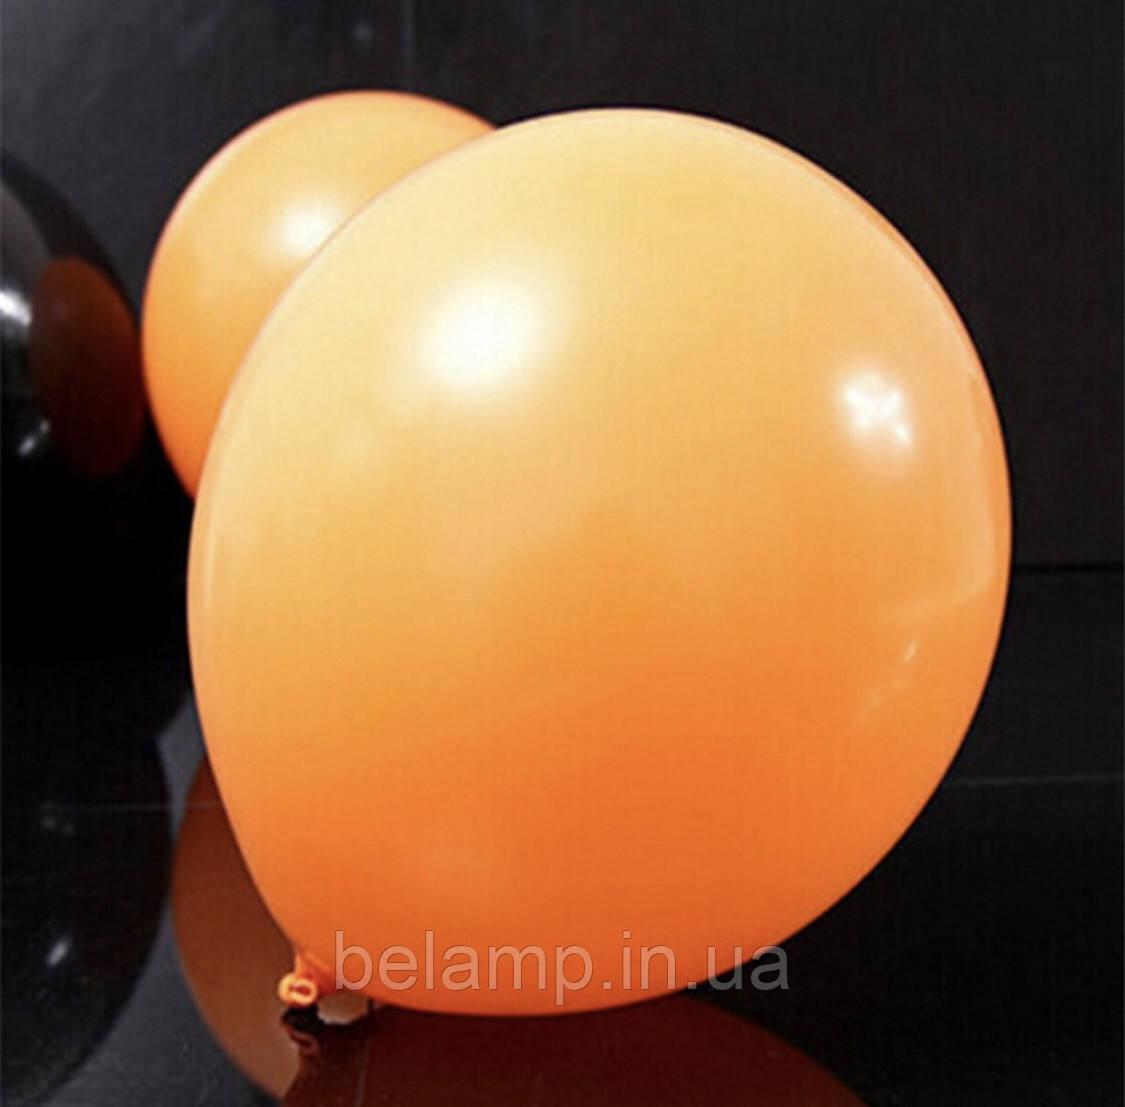 Оранжевый воздушный шарик